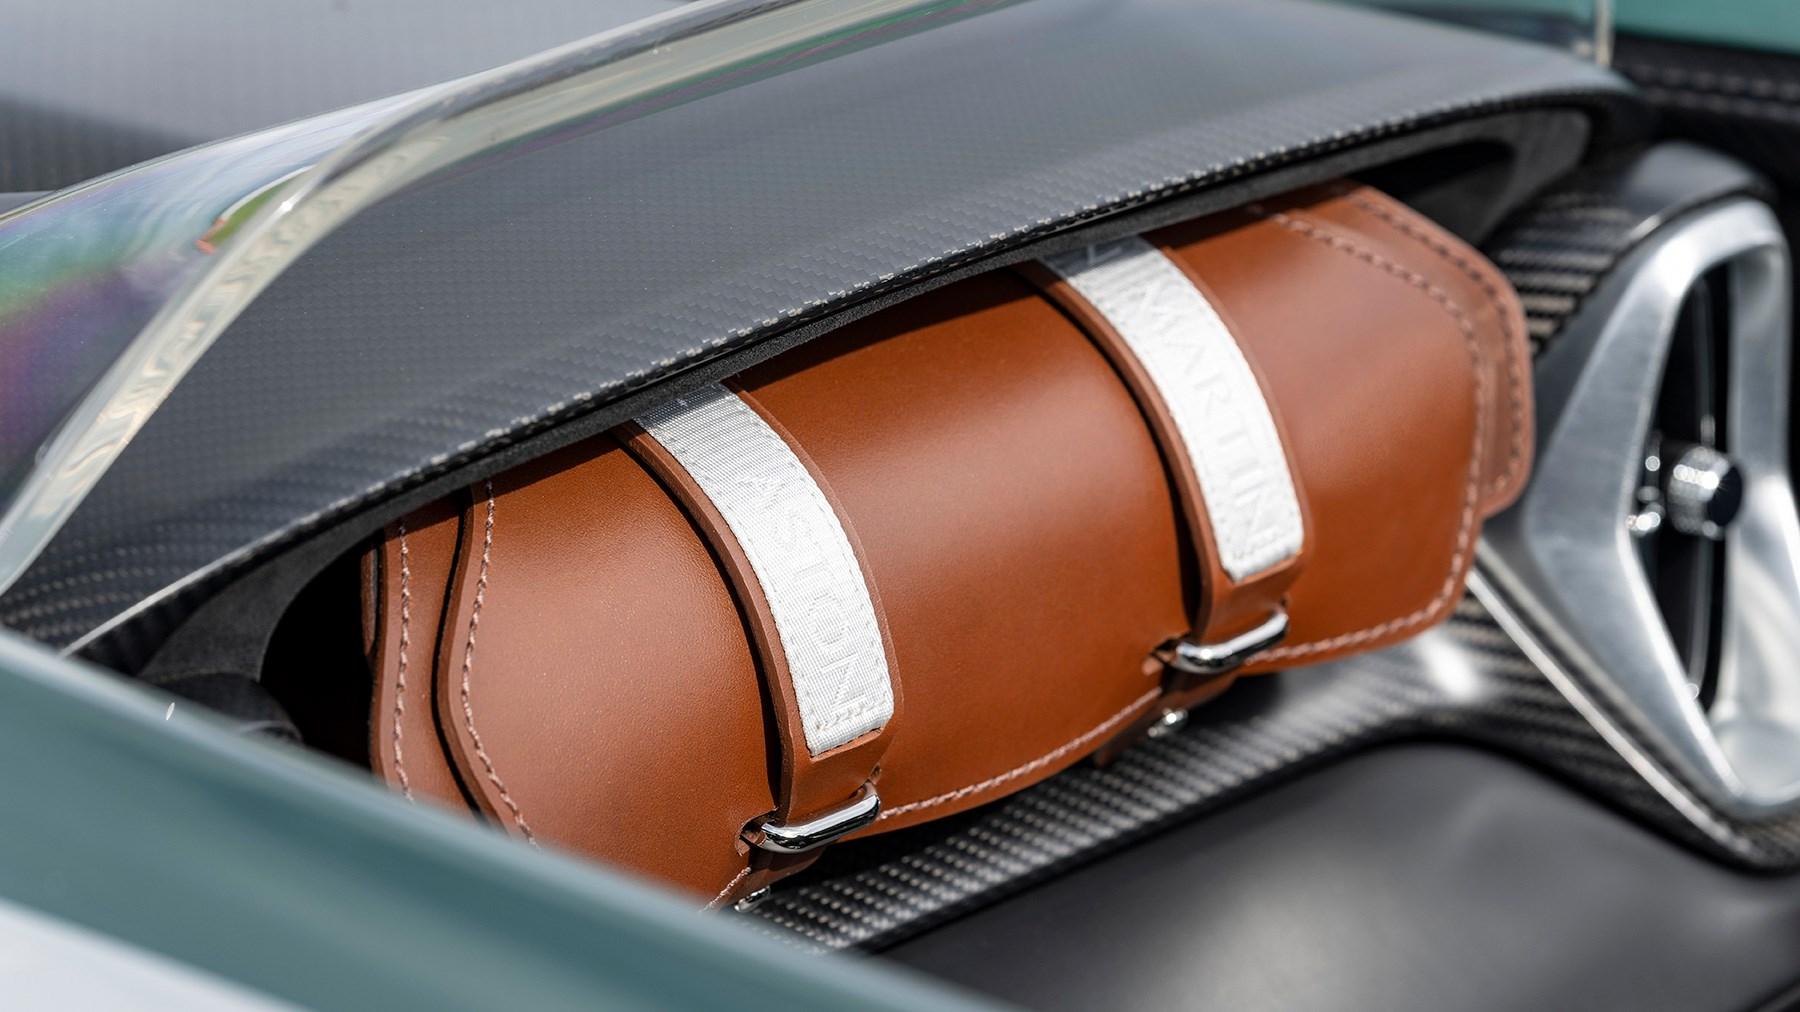 Aston Martin V12 Speedster leather bag in lieu of glovebox